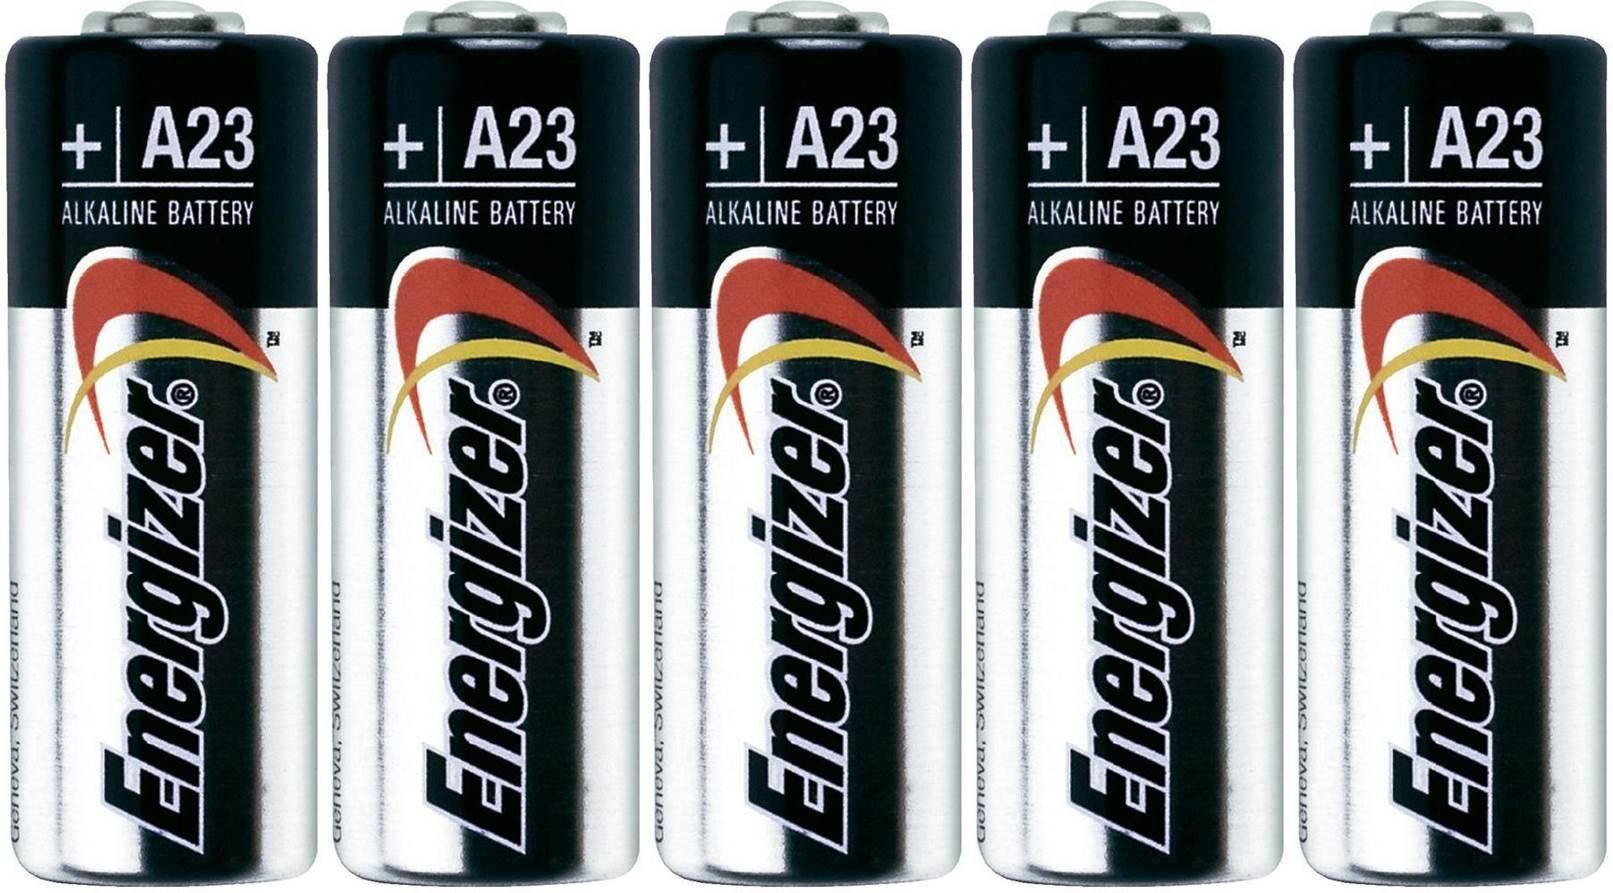 Energizer A23 12v Alkaline Batteries (Pack of 5)